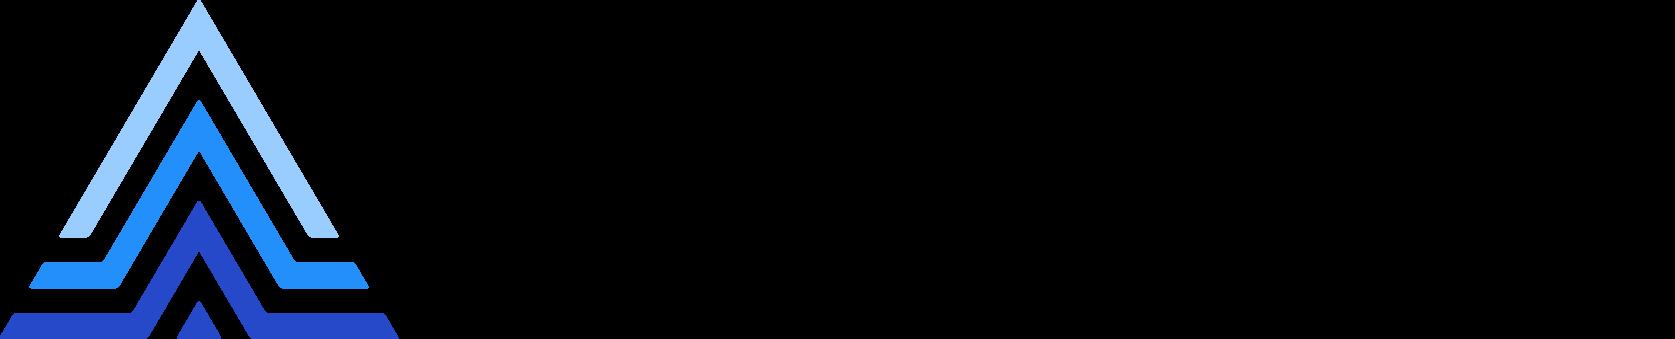 Actian Corporation Company Logo